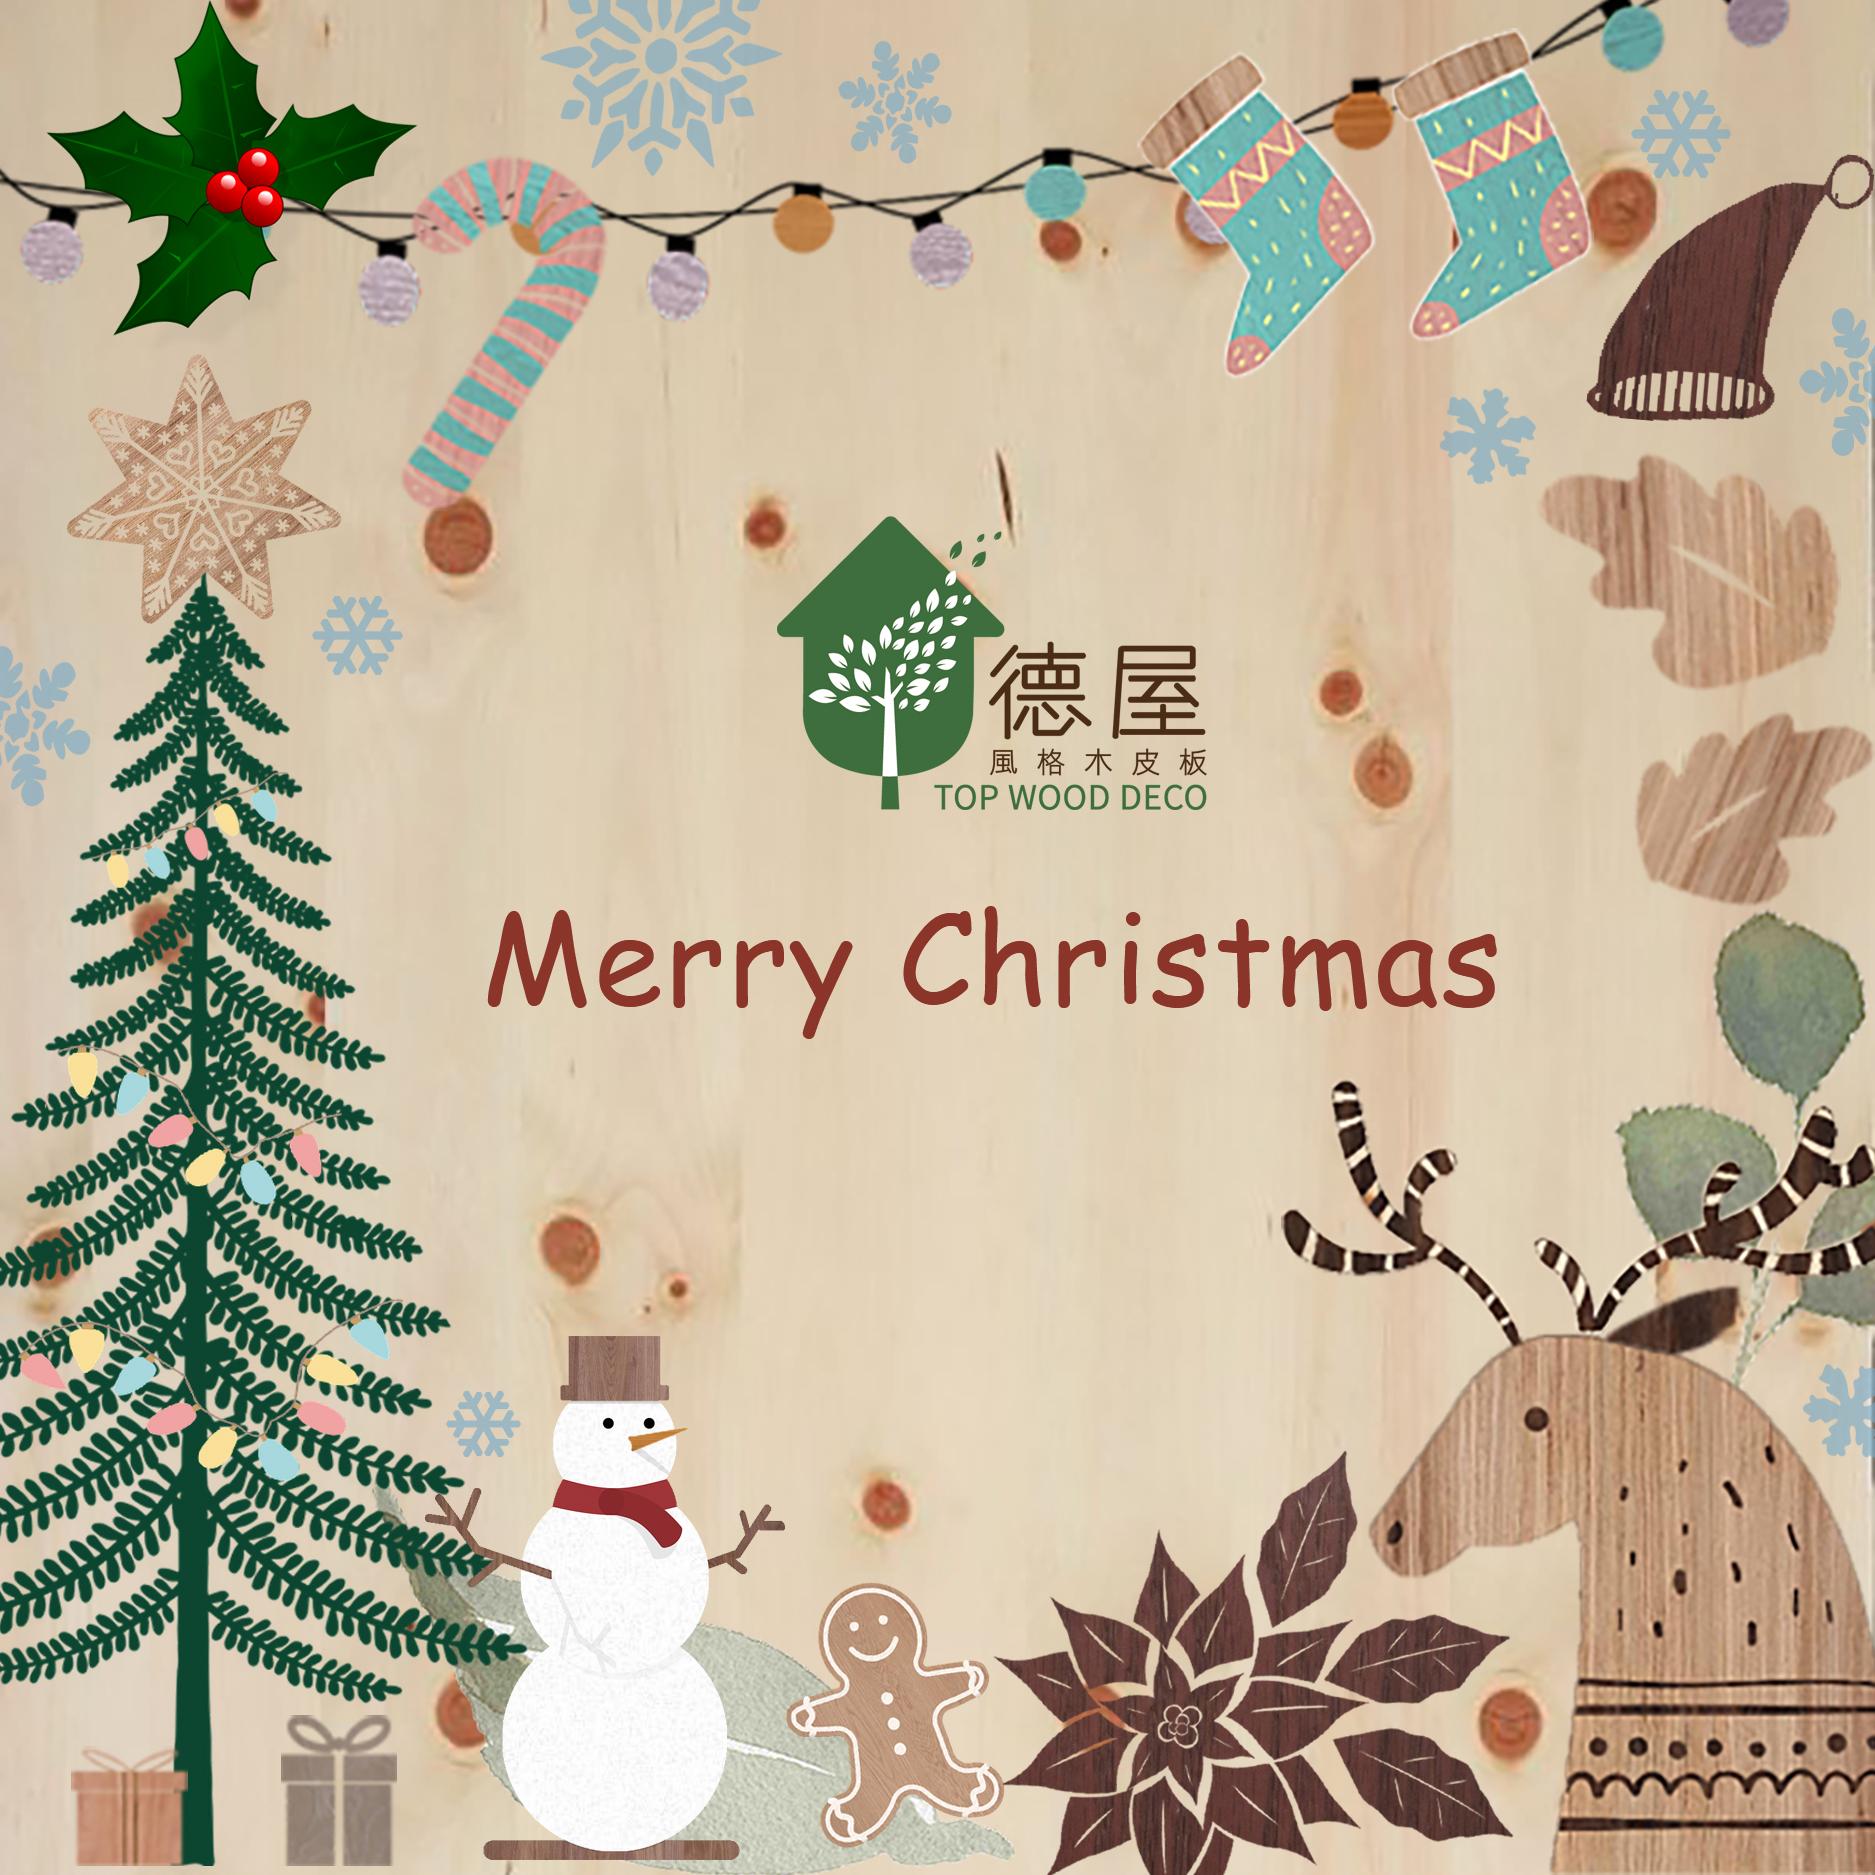 德屋祝福大家聖誕節快樂!